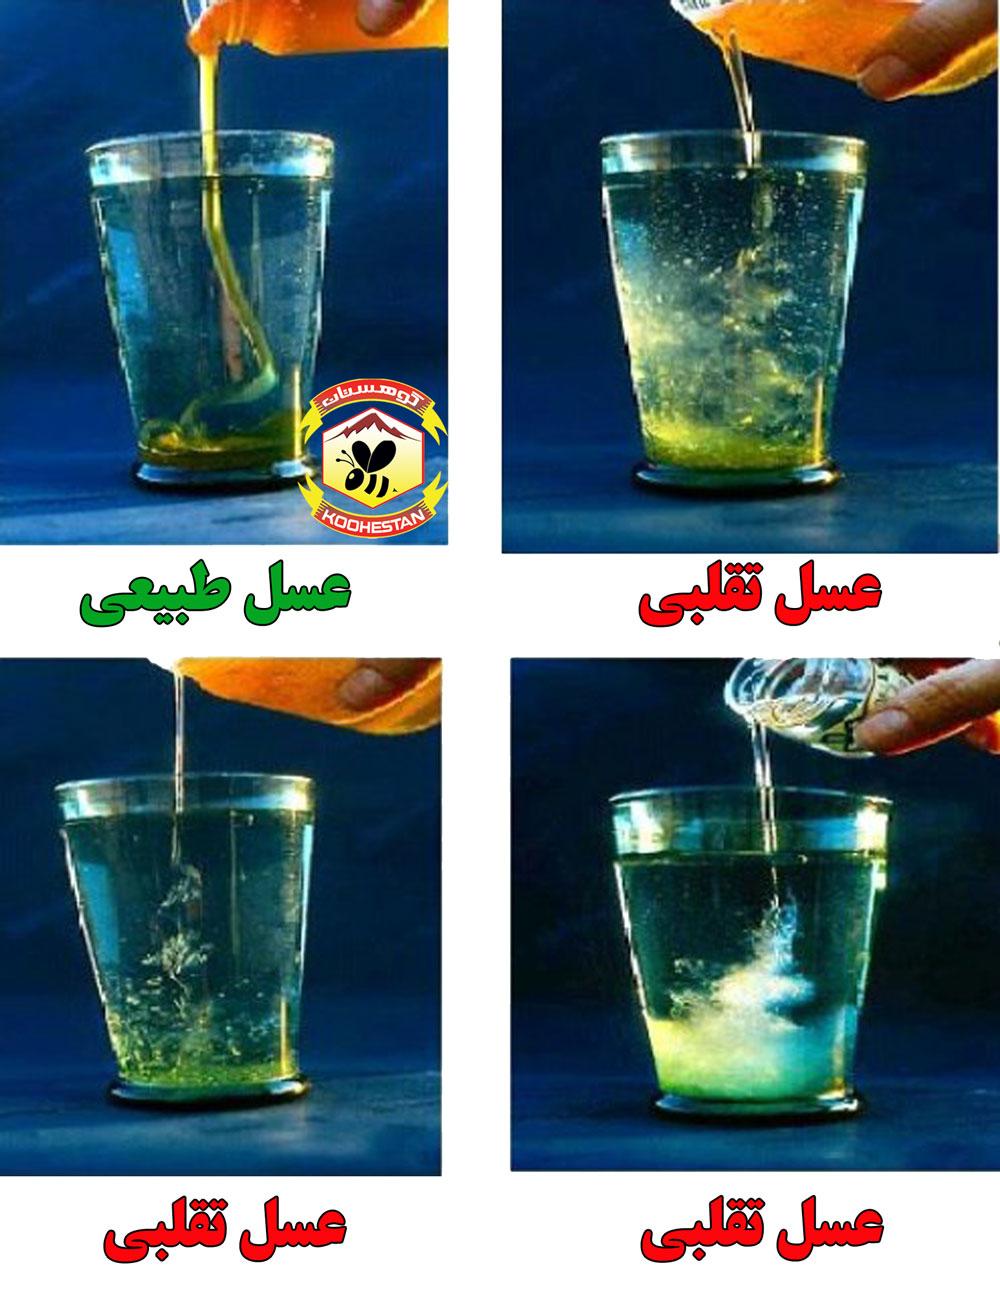 روش تشخیص عسل طبیعی و تقلبی با ریختن در لیوان آب